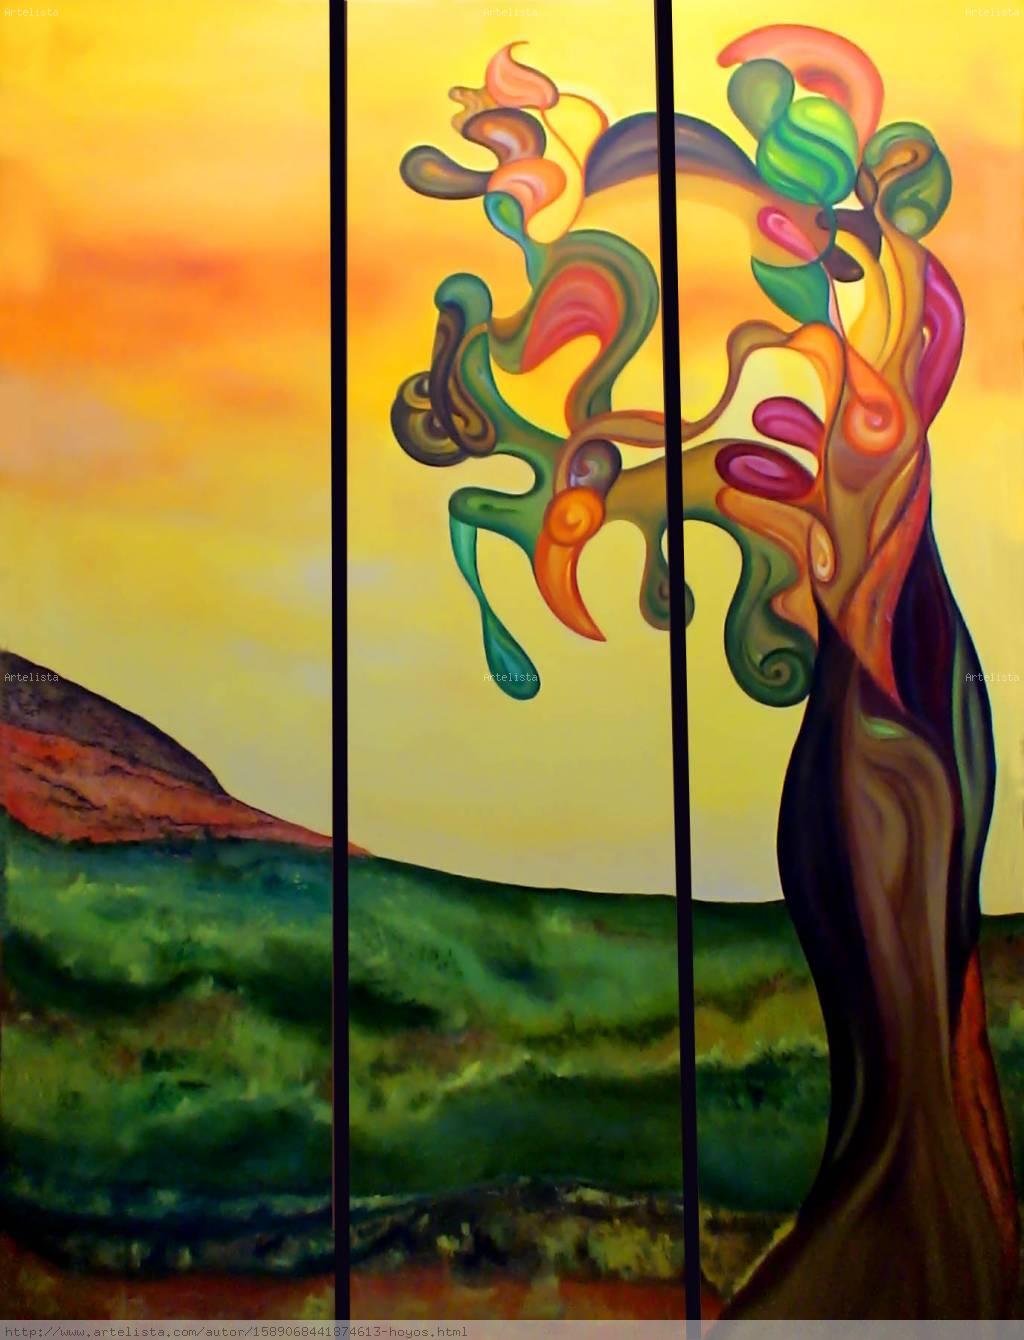 Arbol margarita hoyos for Fotos de cuadros abstractos sencillos